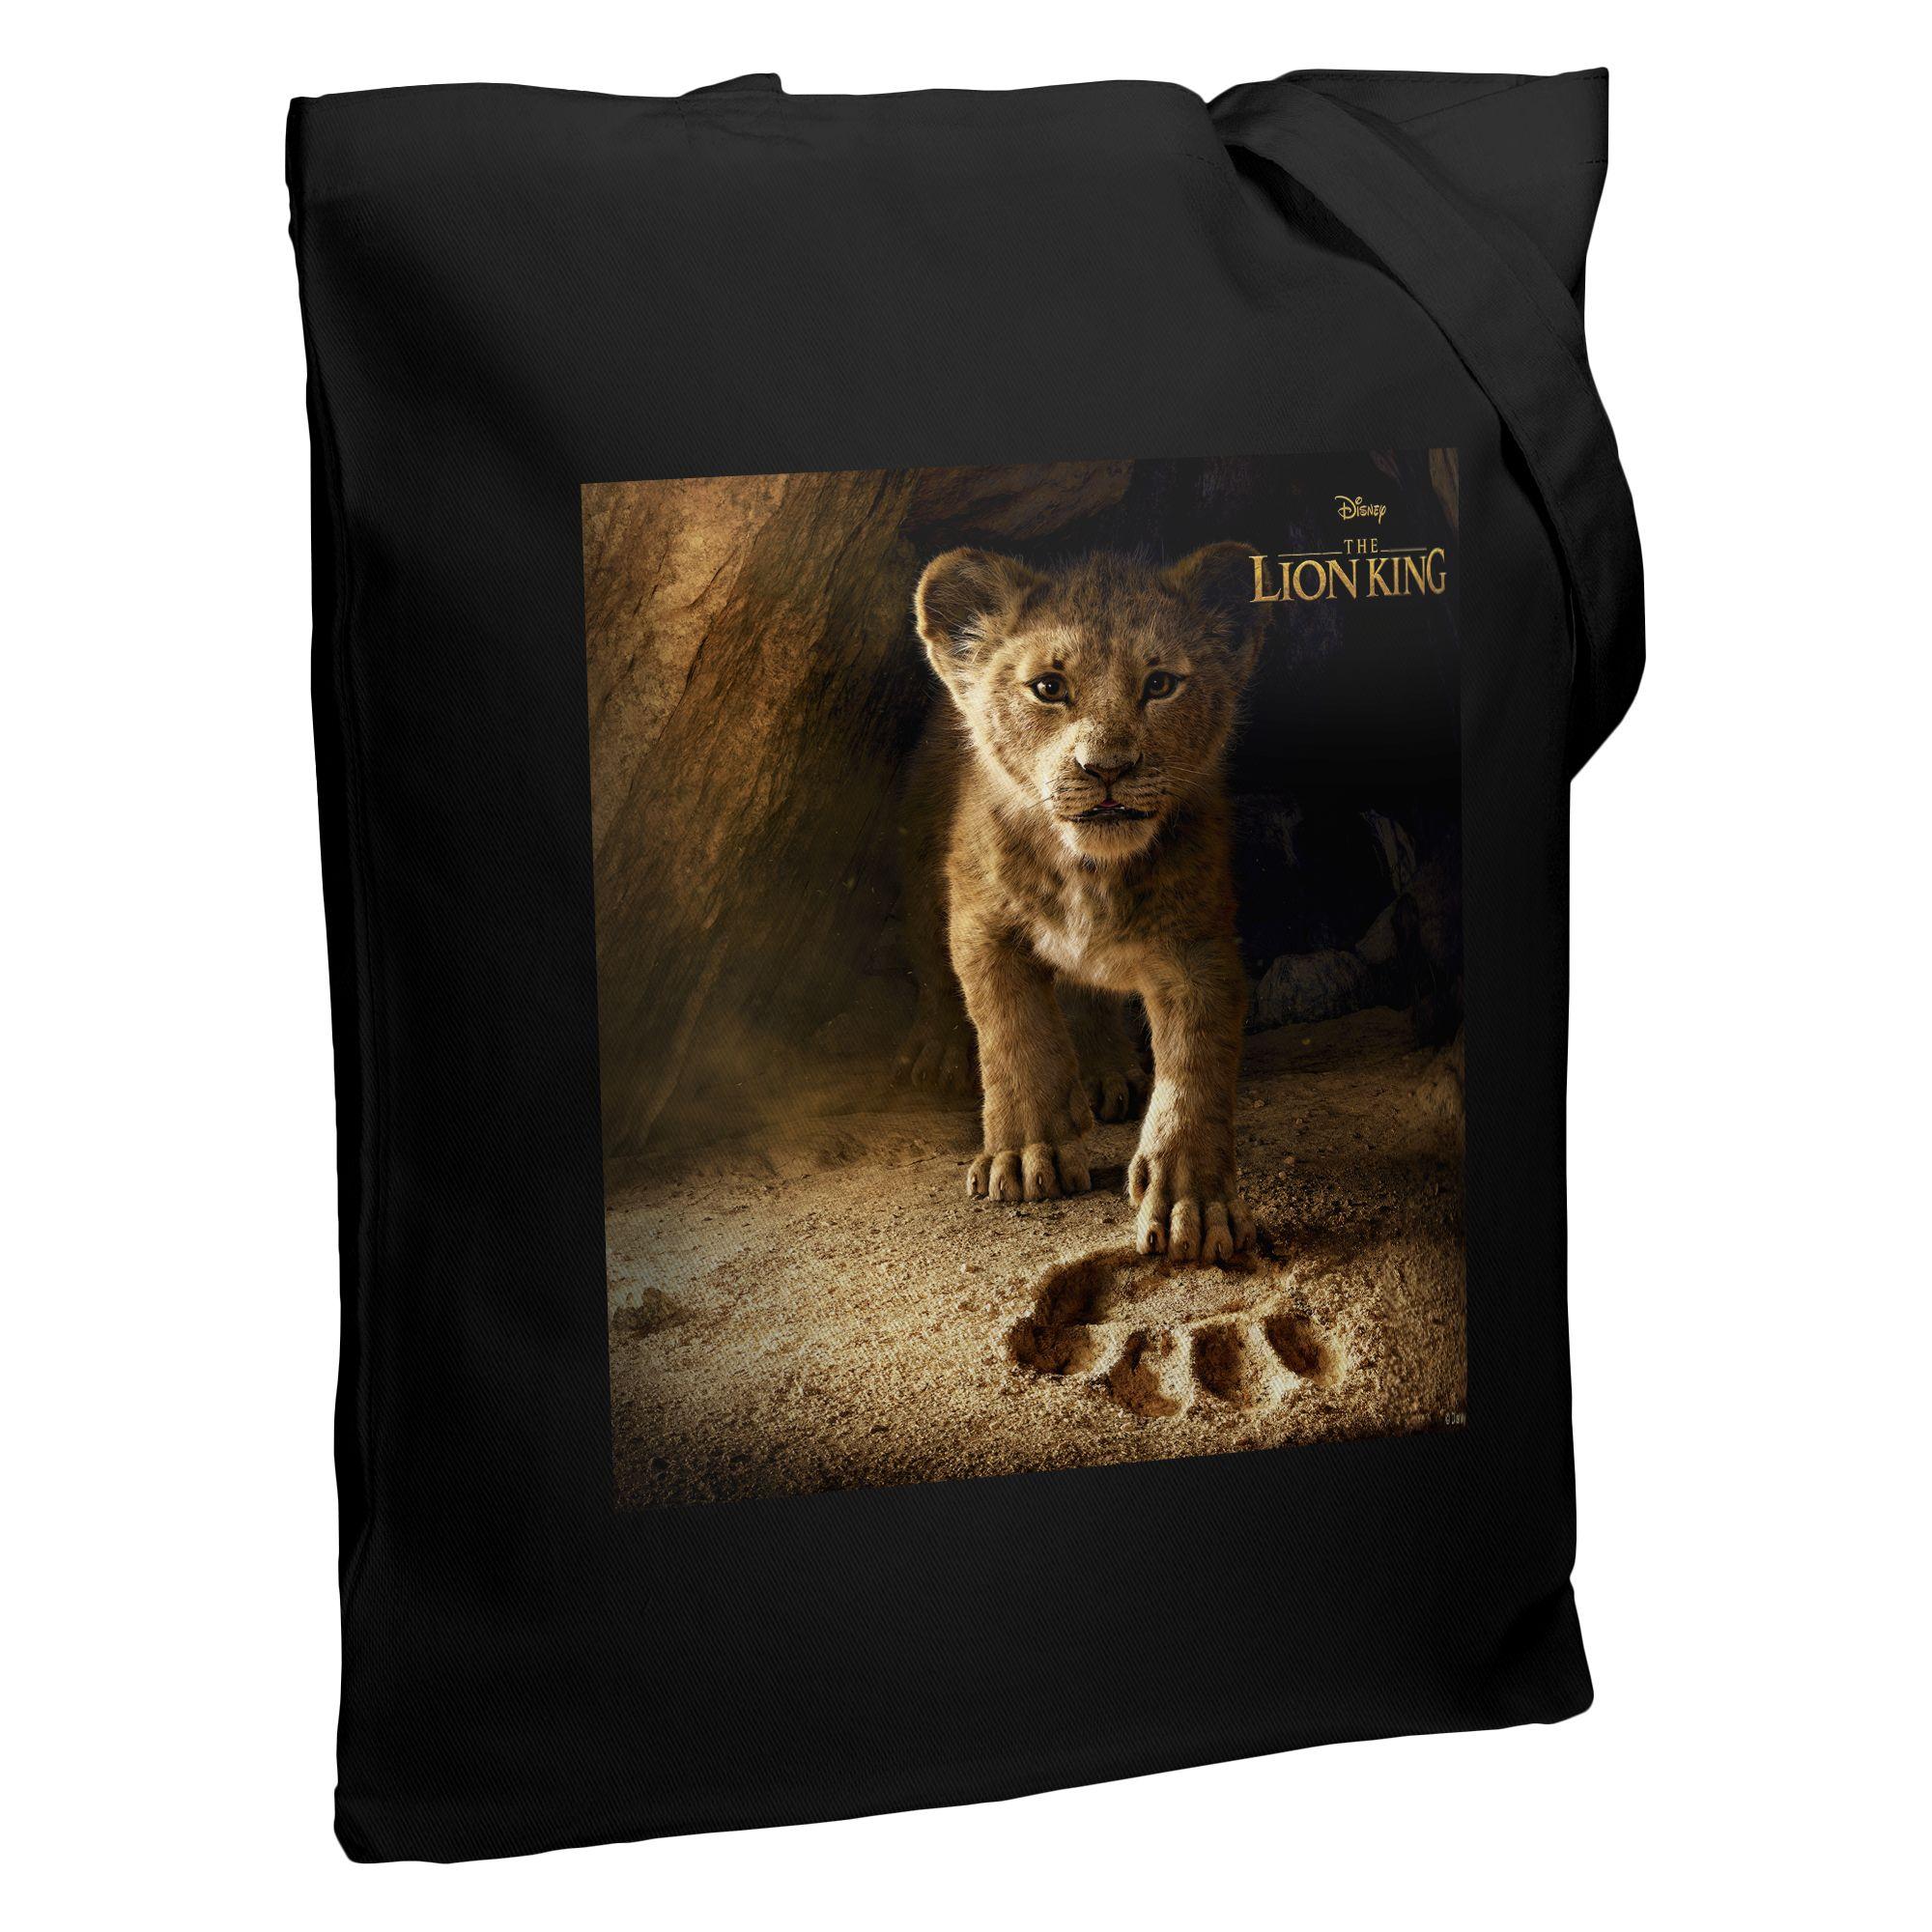 Холщовая сумка Lion King Footprint, черная